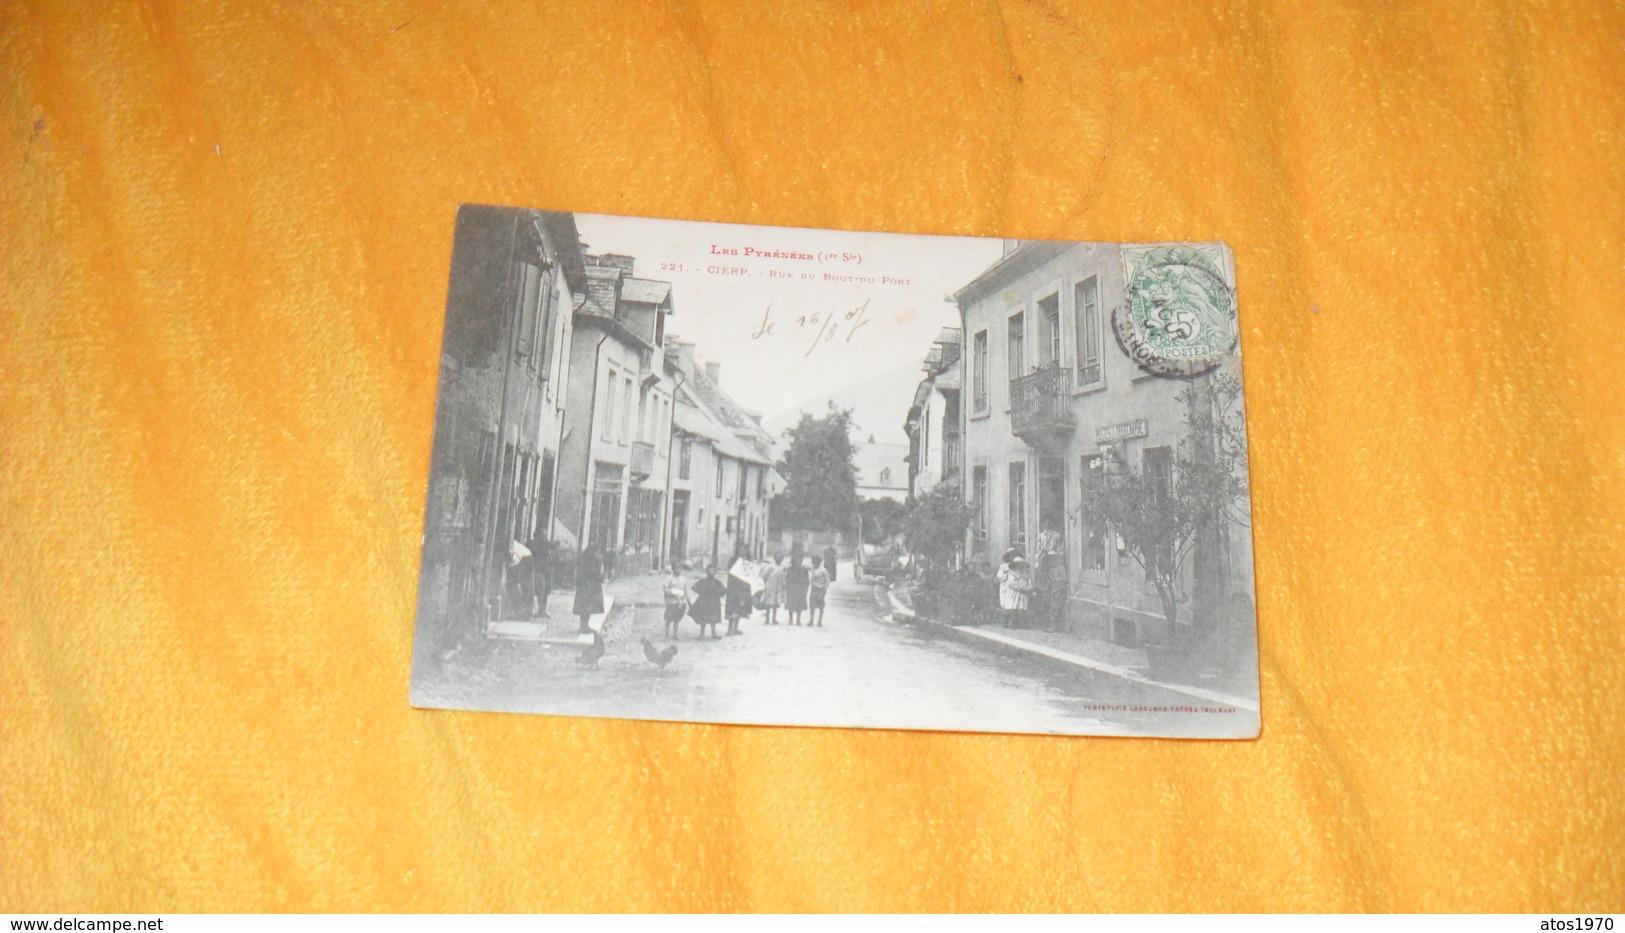 CARTE POSTALE ANCIENNE CIRCULEE DE 1907. / CIERP. - RUE DU BOUT DU PONT. CACHET + TIMBRE - France